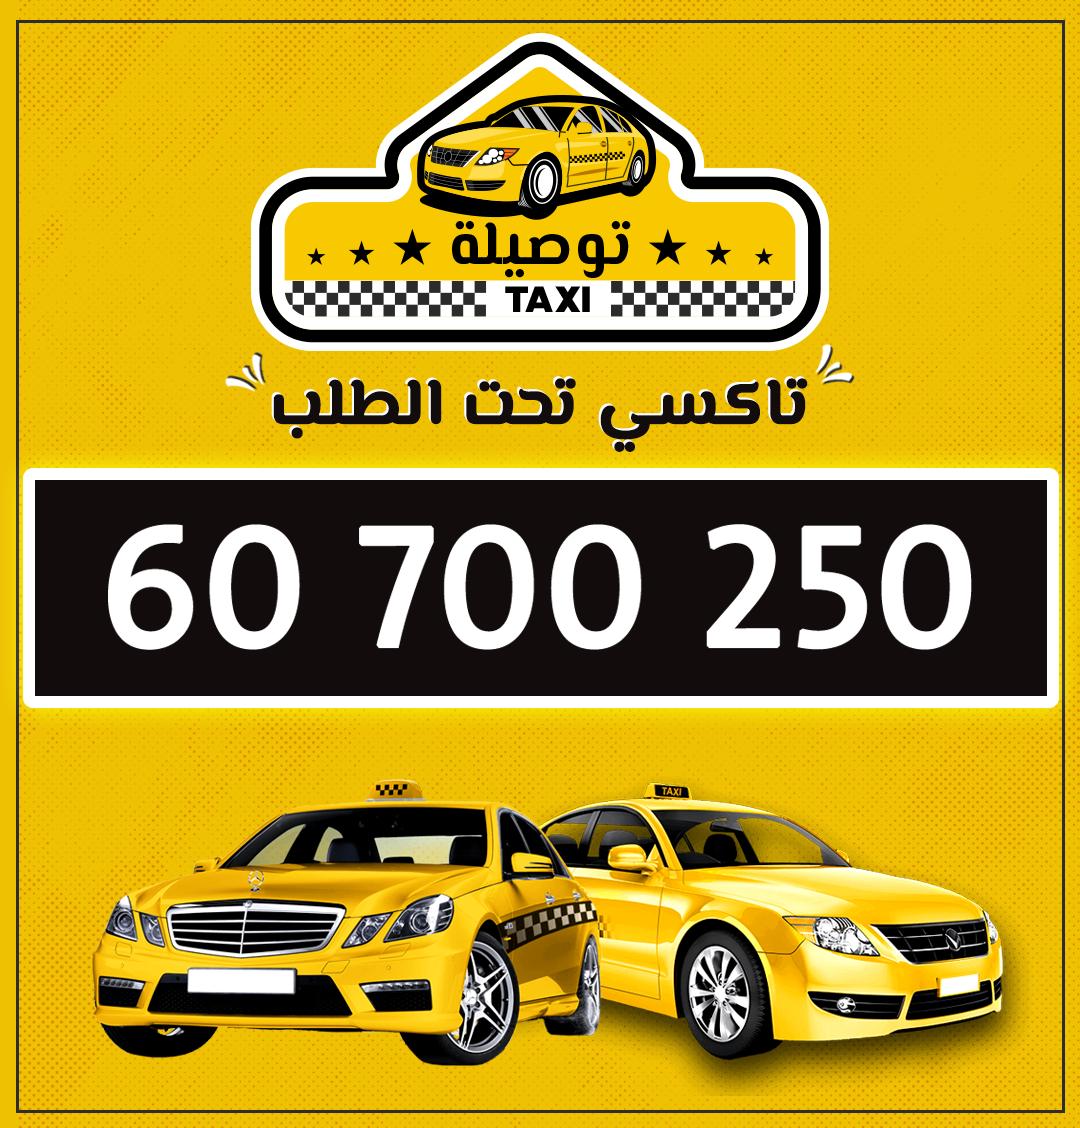 تاكسي توصيلة في شارع الخليج العربي